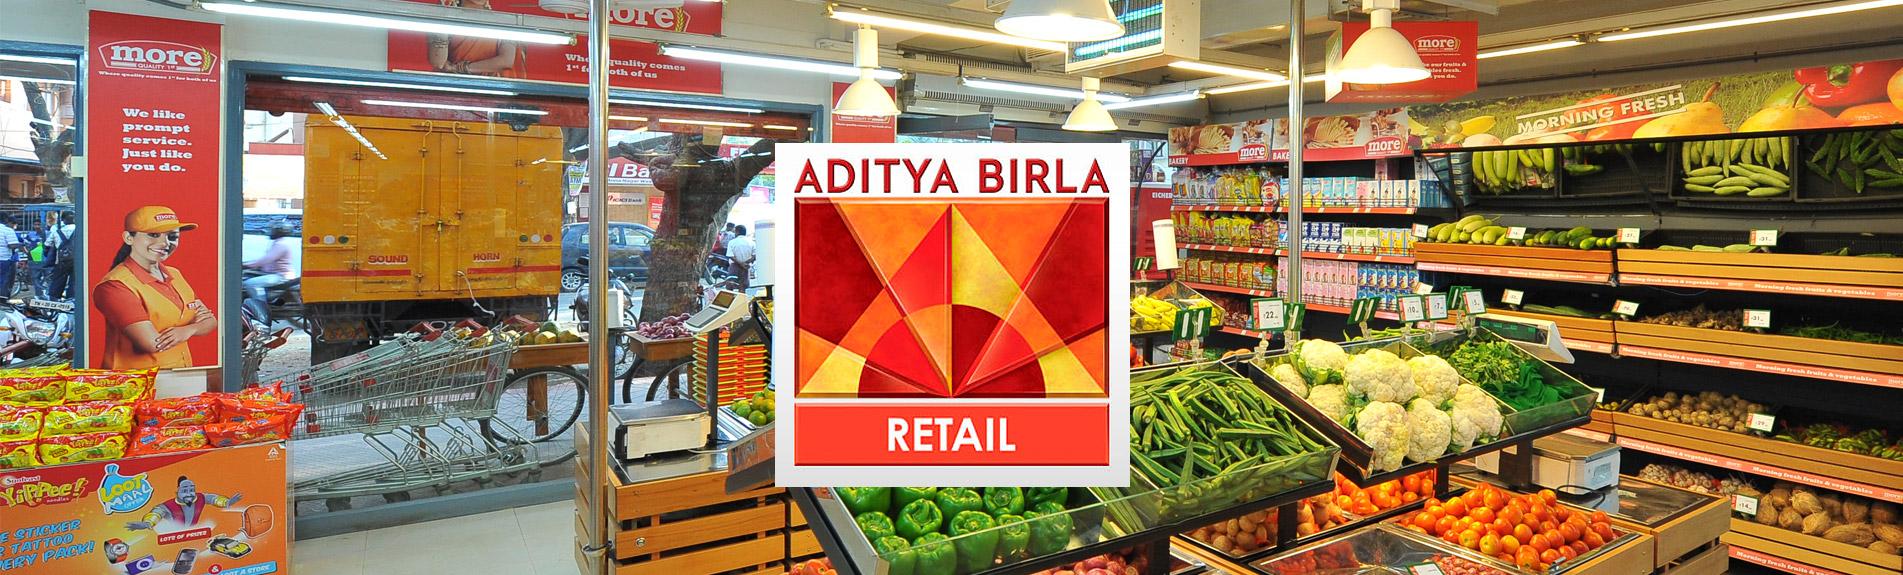 aditya birla retail ltd